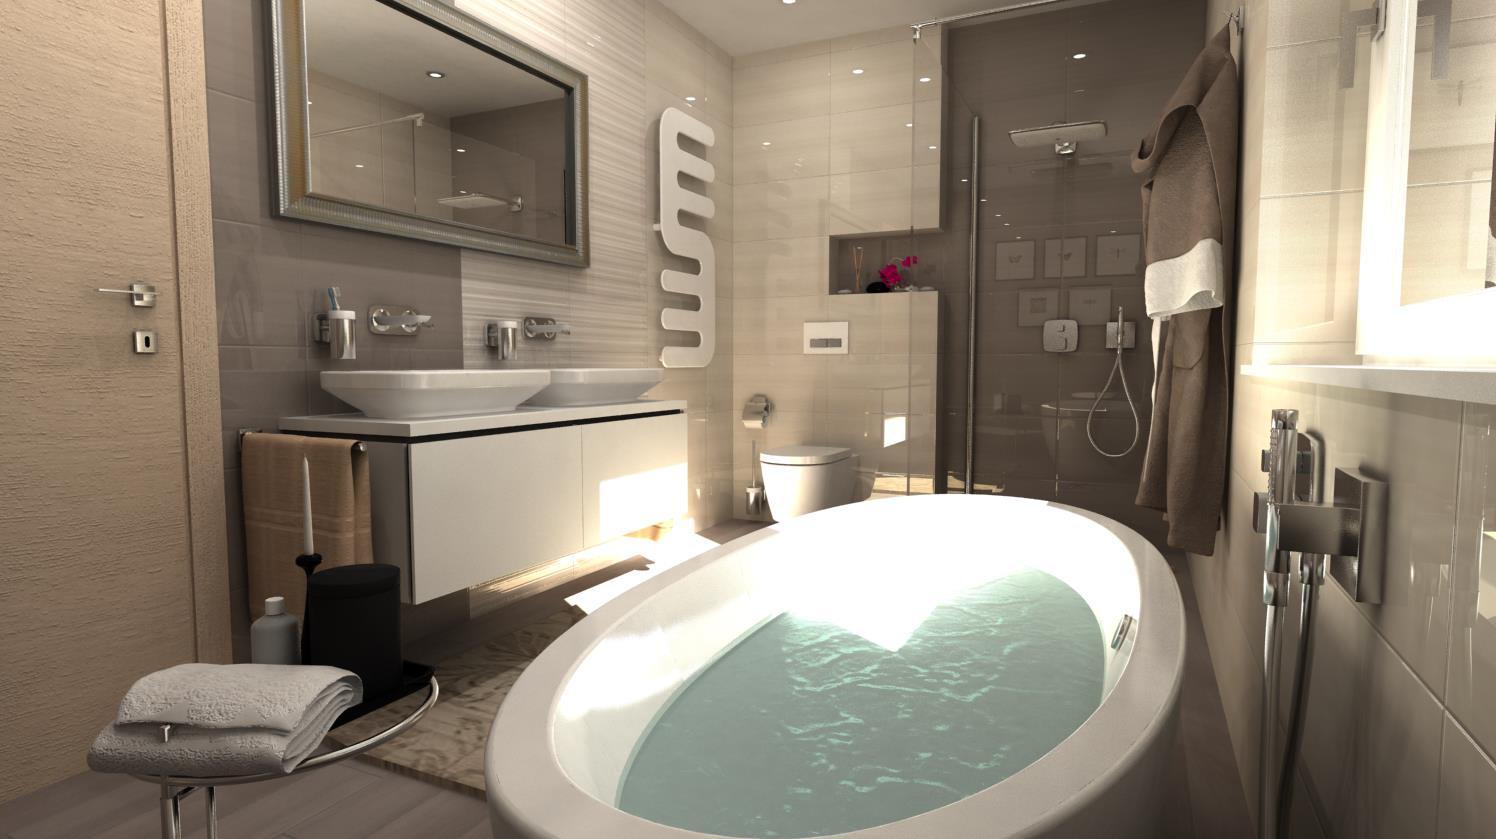 Vizualizácie kúpeľní - Obrázok č. 4